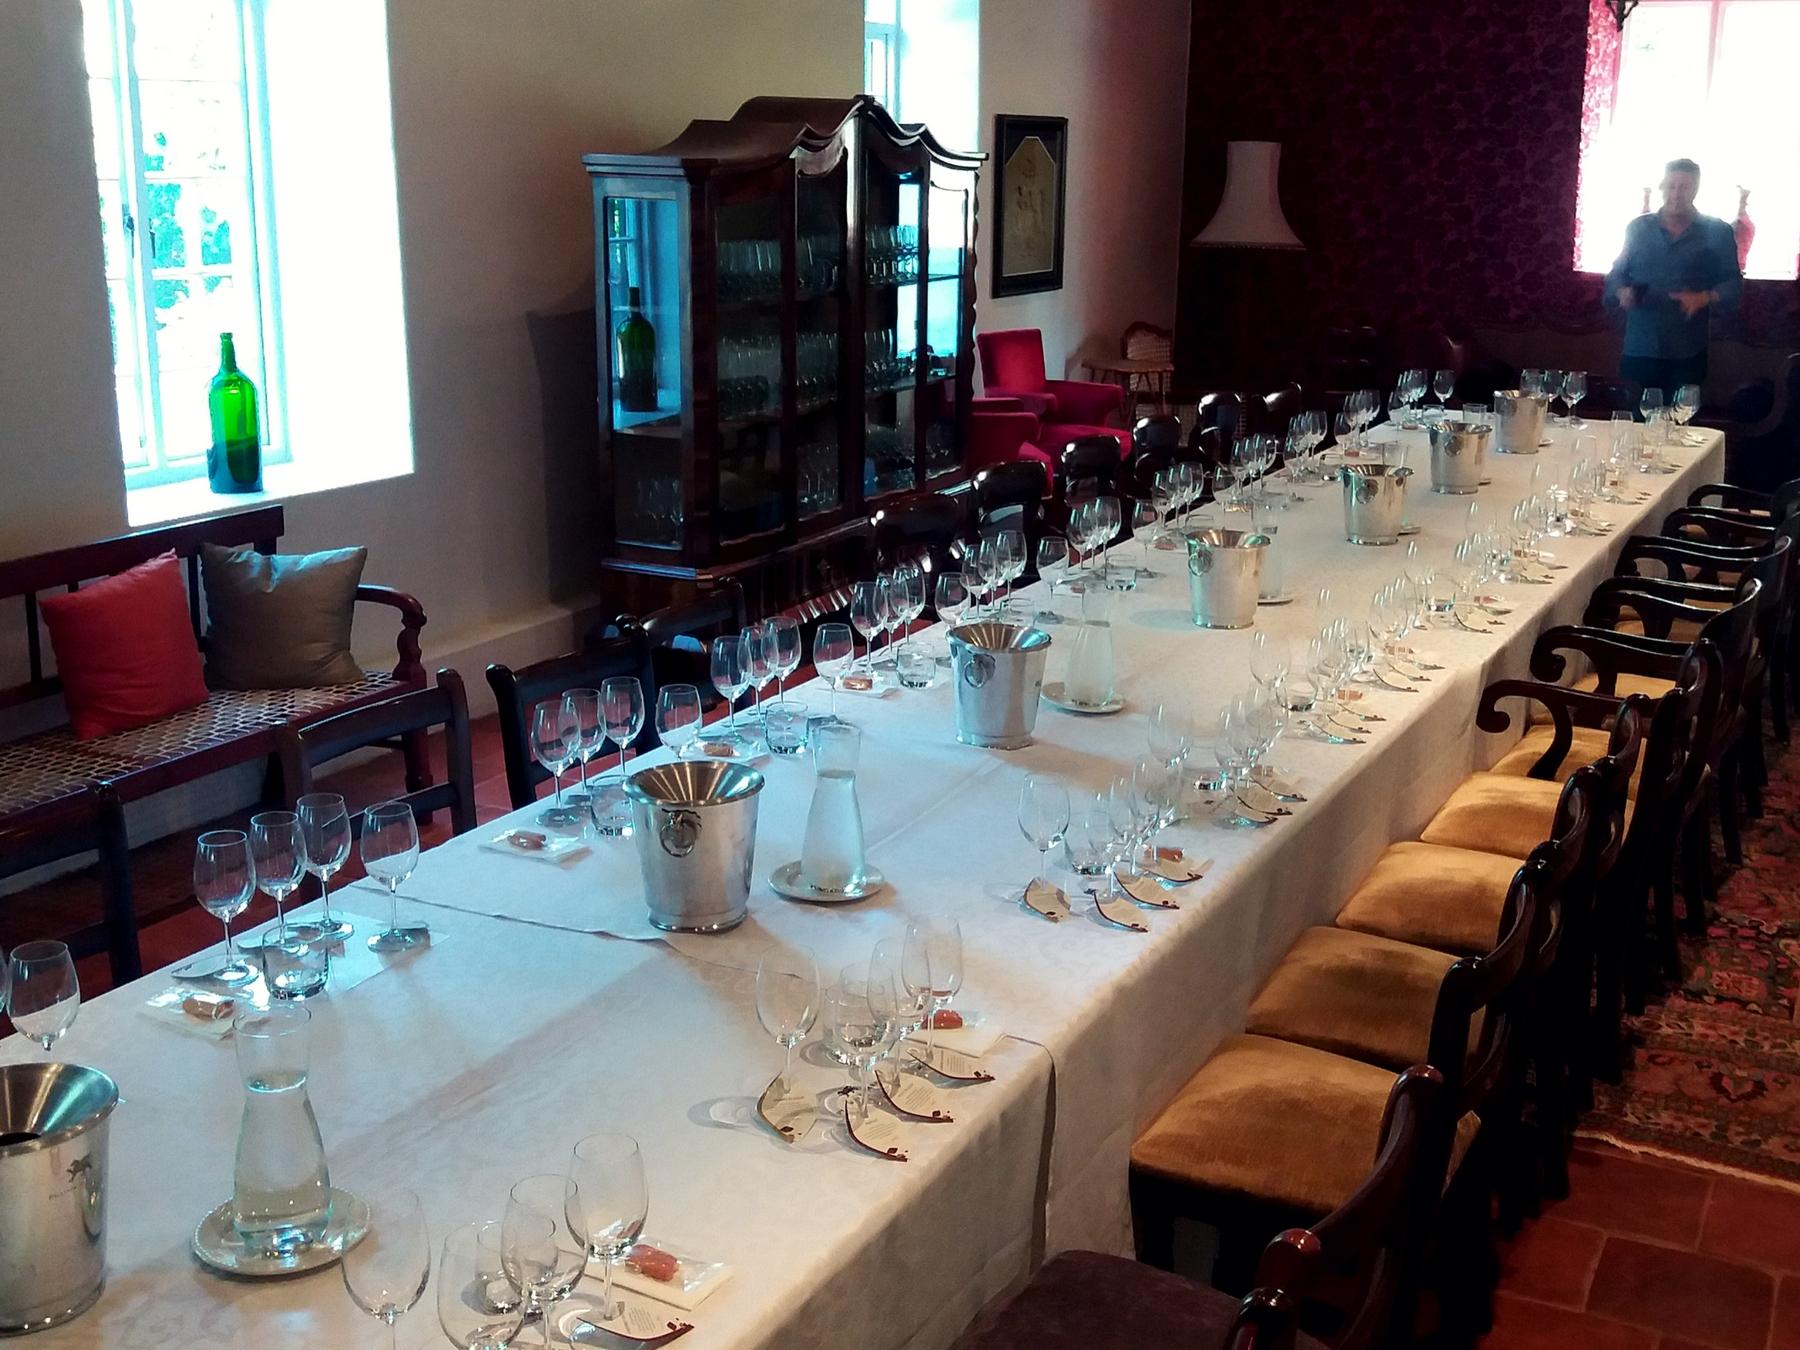 Rota-dos-vinhos-em-Cape-Town-Stellenbosch-e-Franschhoek-plaisir-de-merle-degustação Rota dos vinhos em Cape Town Stellenbosch e Franschhoek